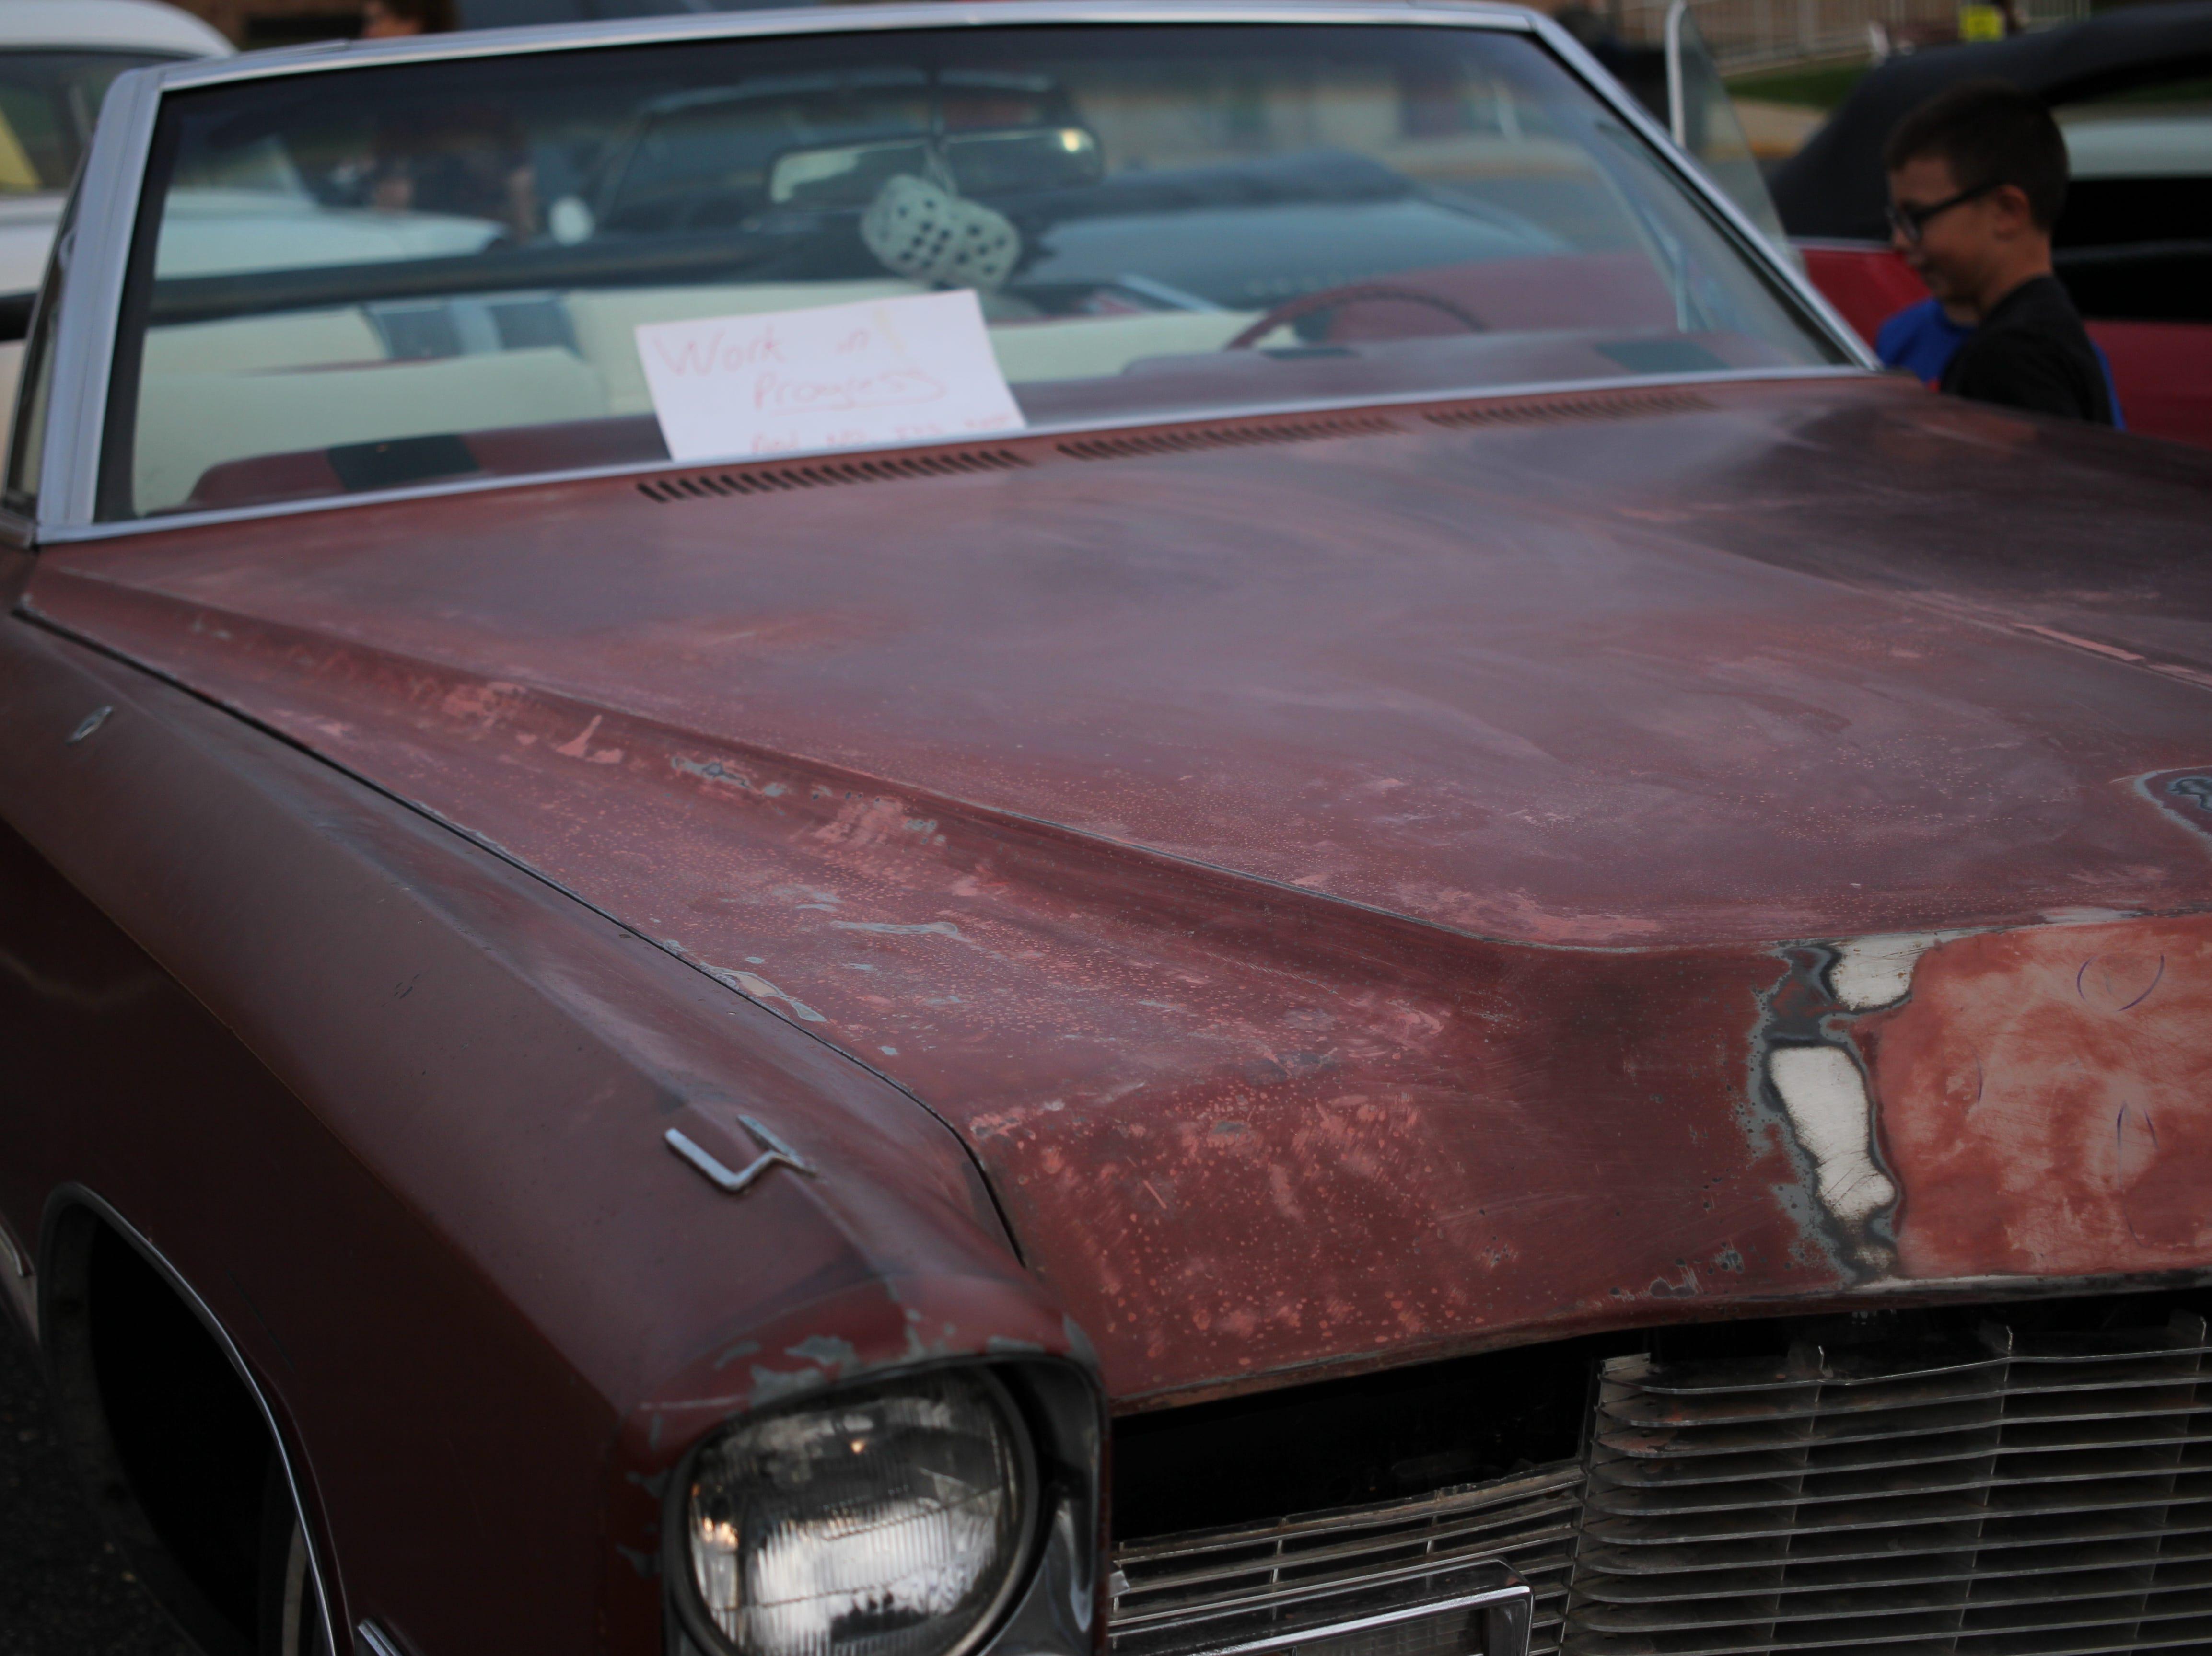 1968 Cadillac Coupe de Ville